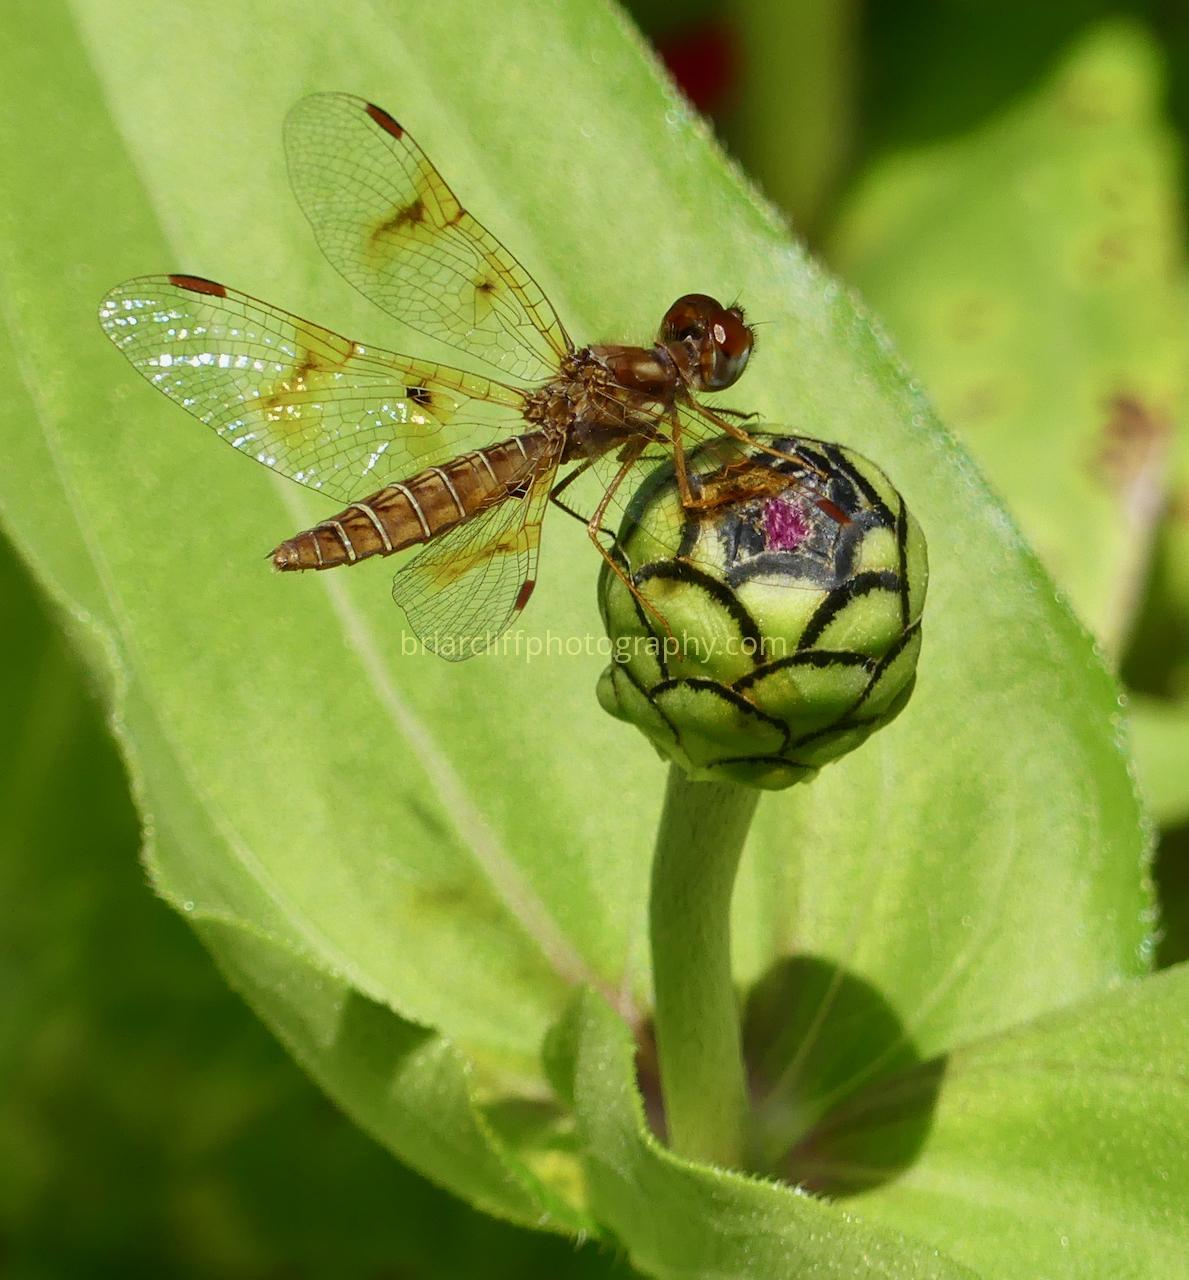 Dragonfly on zinnia bud